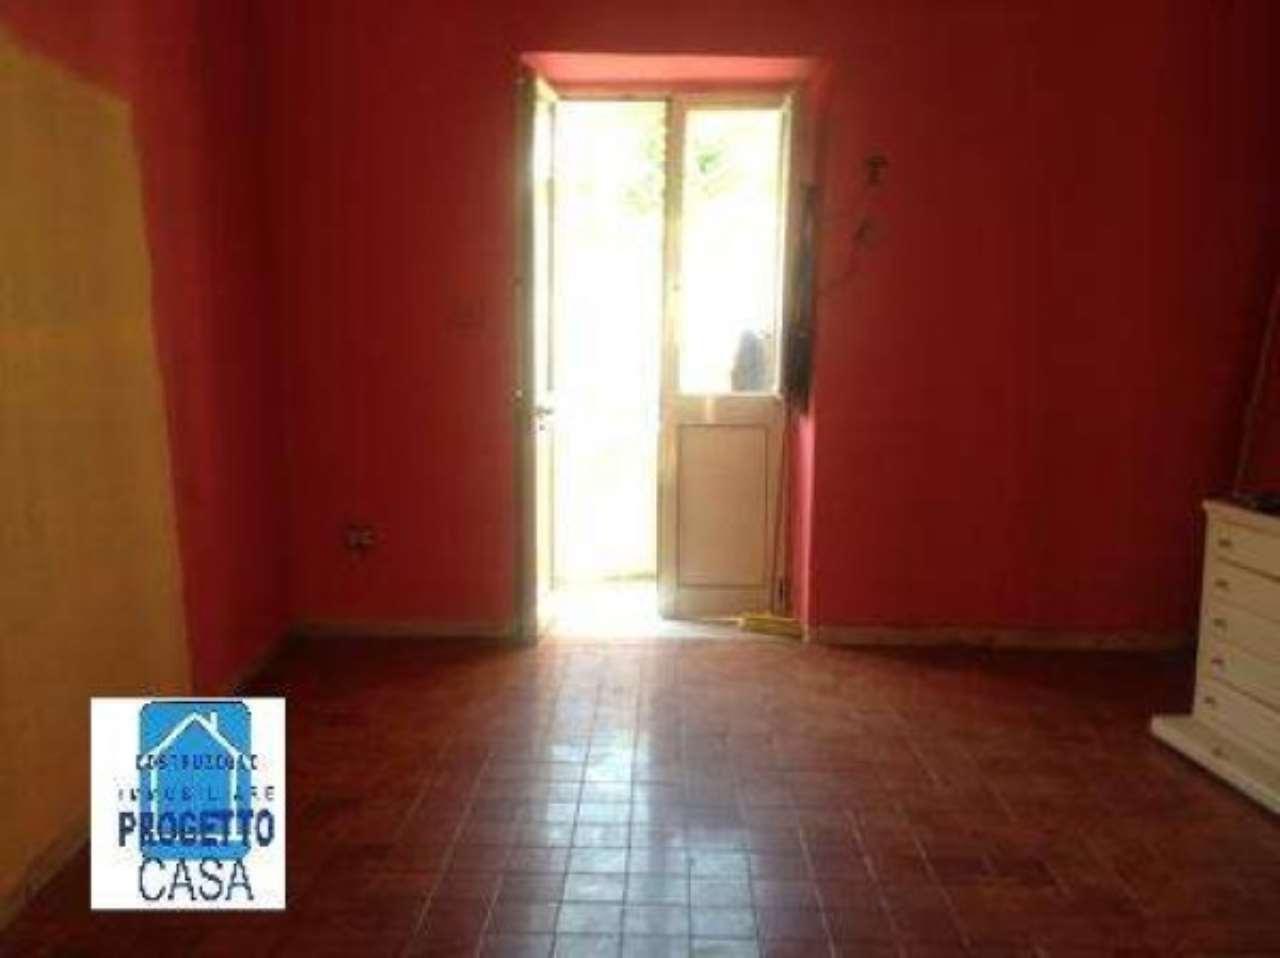 Appartamento in vendita a Somma Vesuviana, 2 locali, prezzo € 60.000 | CambioCasa.it